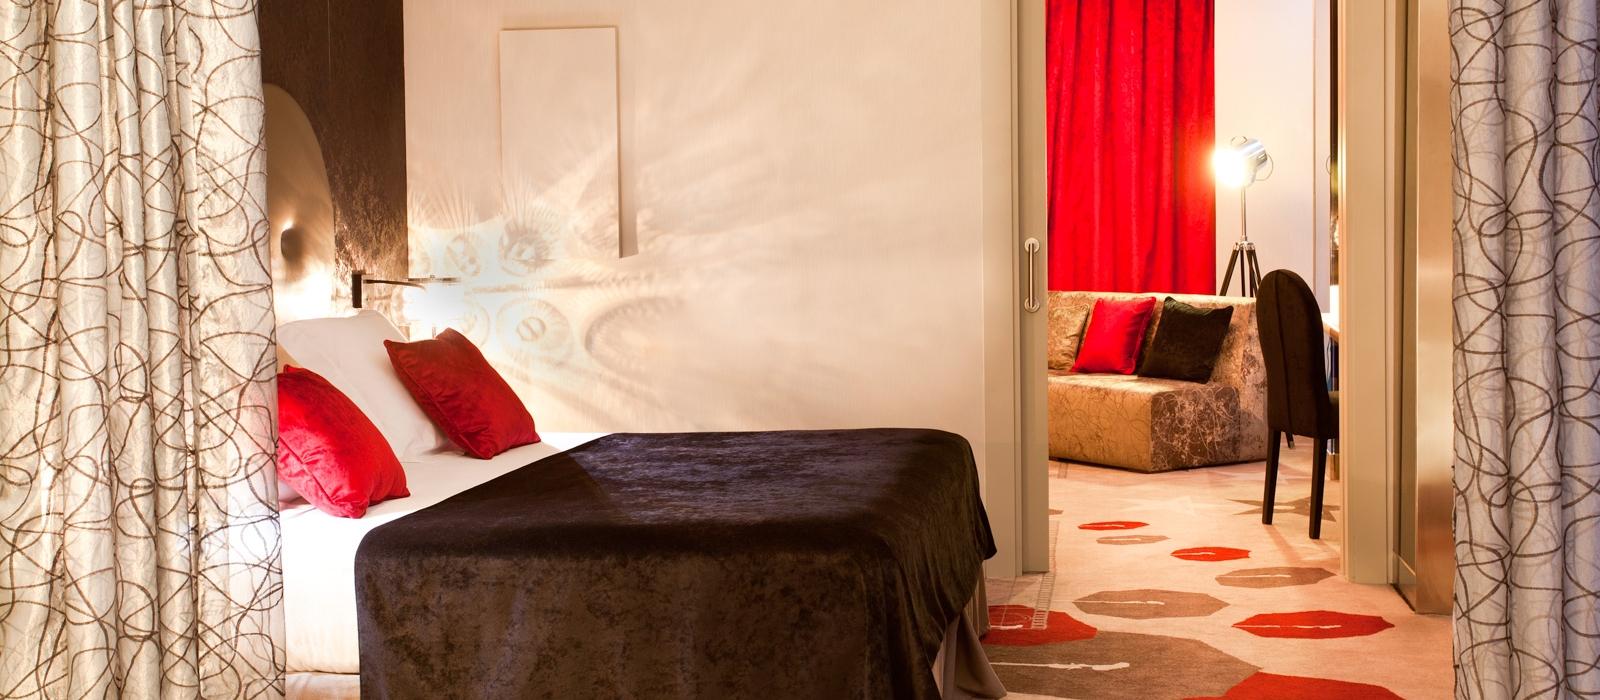 Chambres Capitol Hôtel Madrid - Vincci Hoteles - Chambre Rangée 4